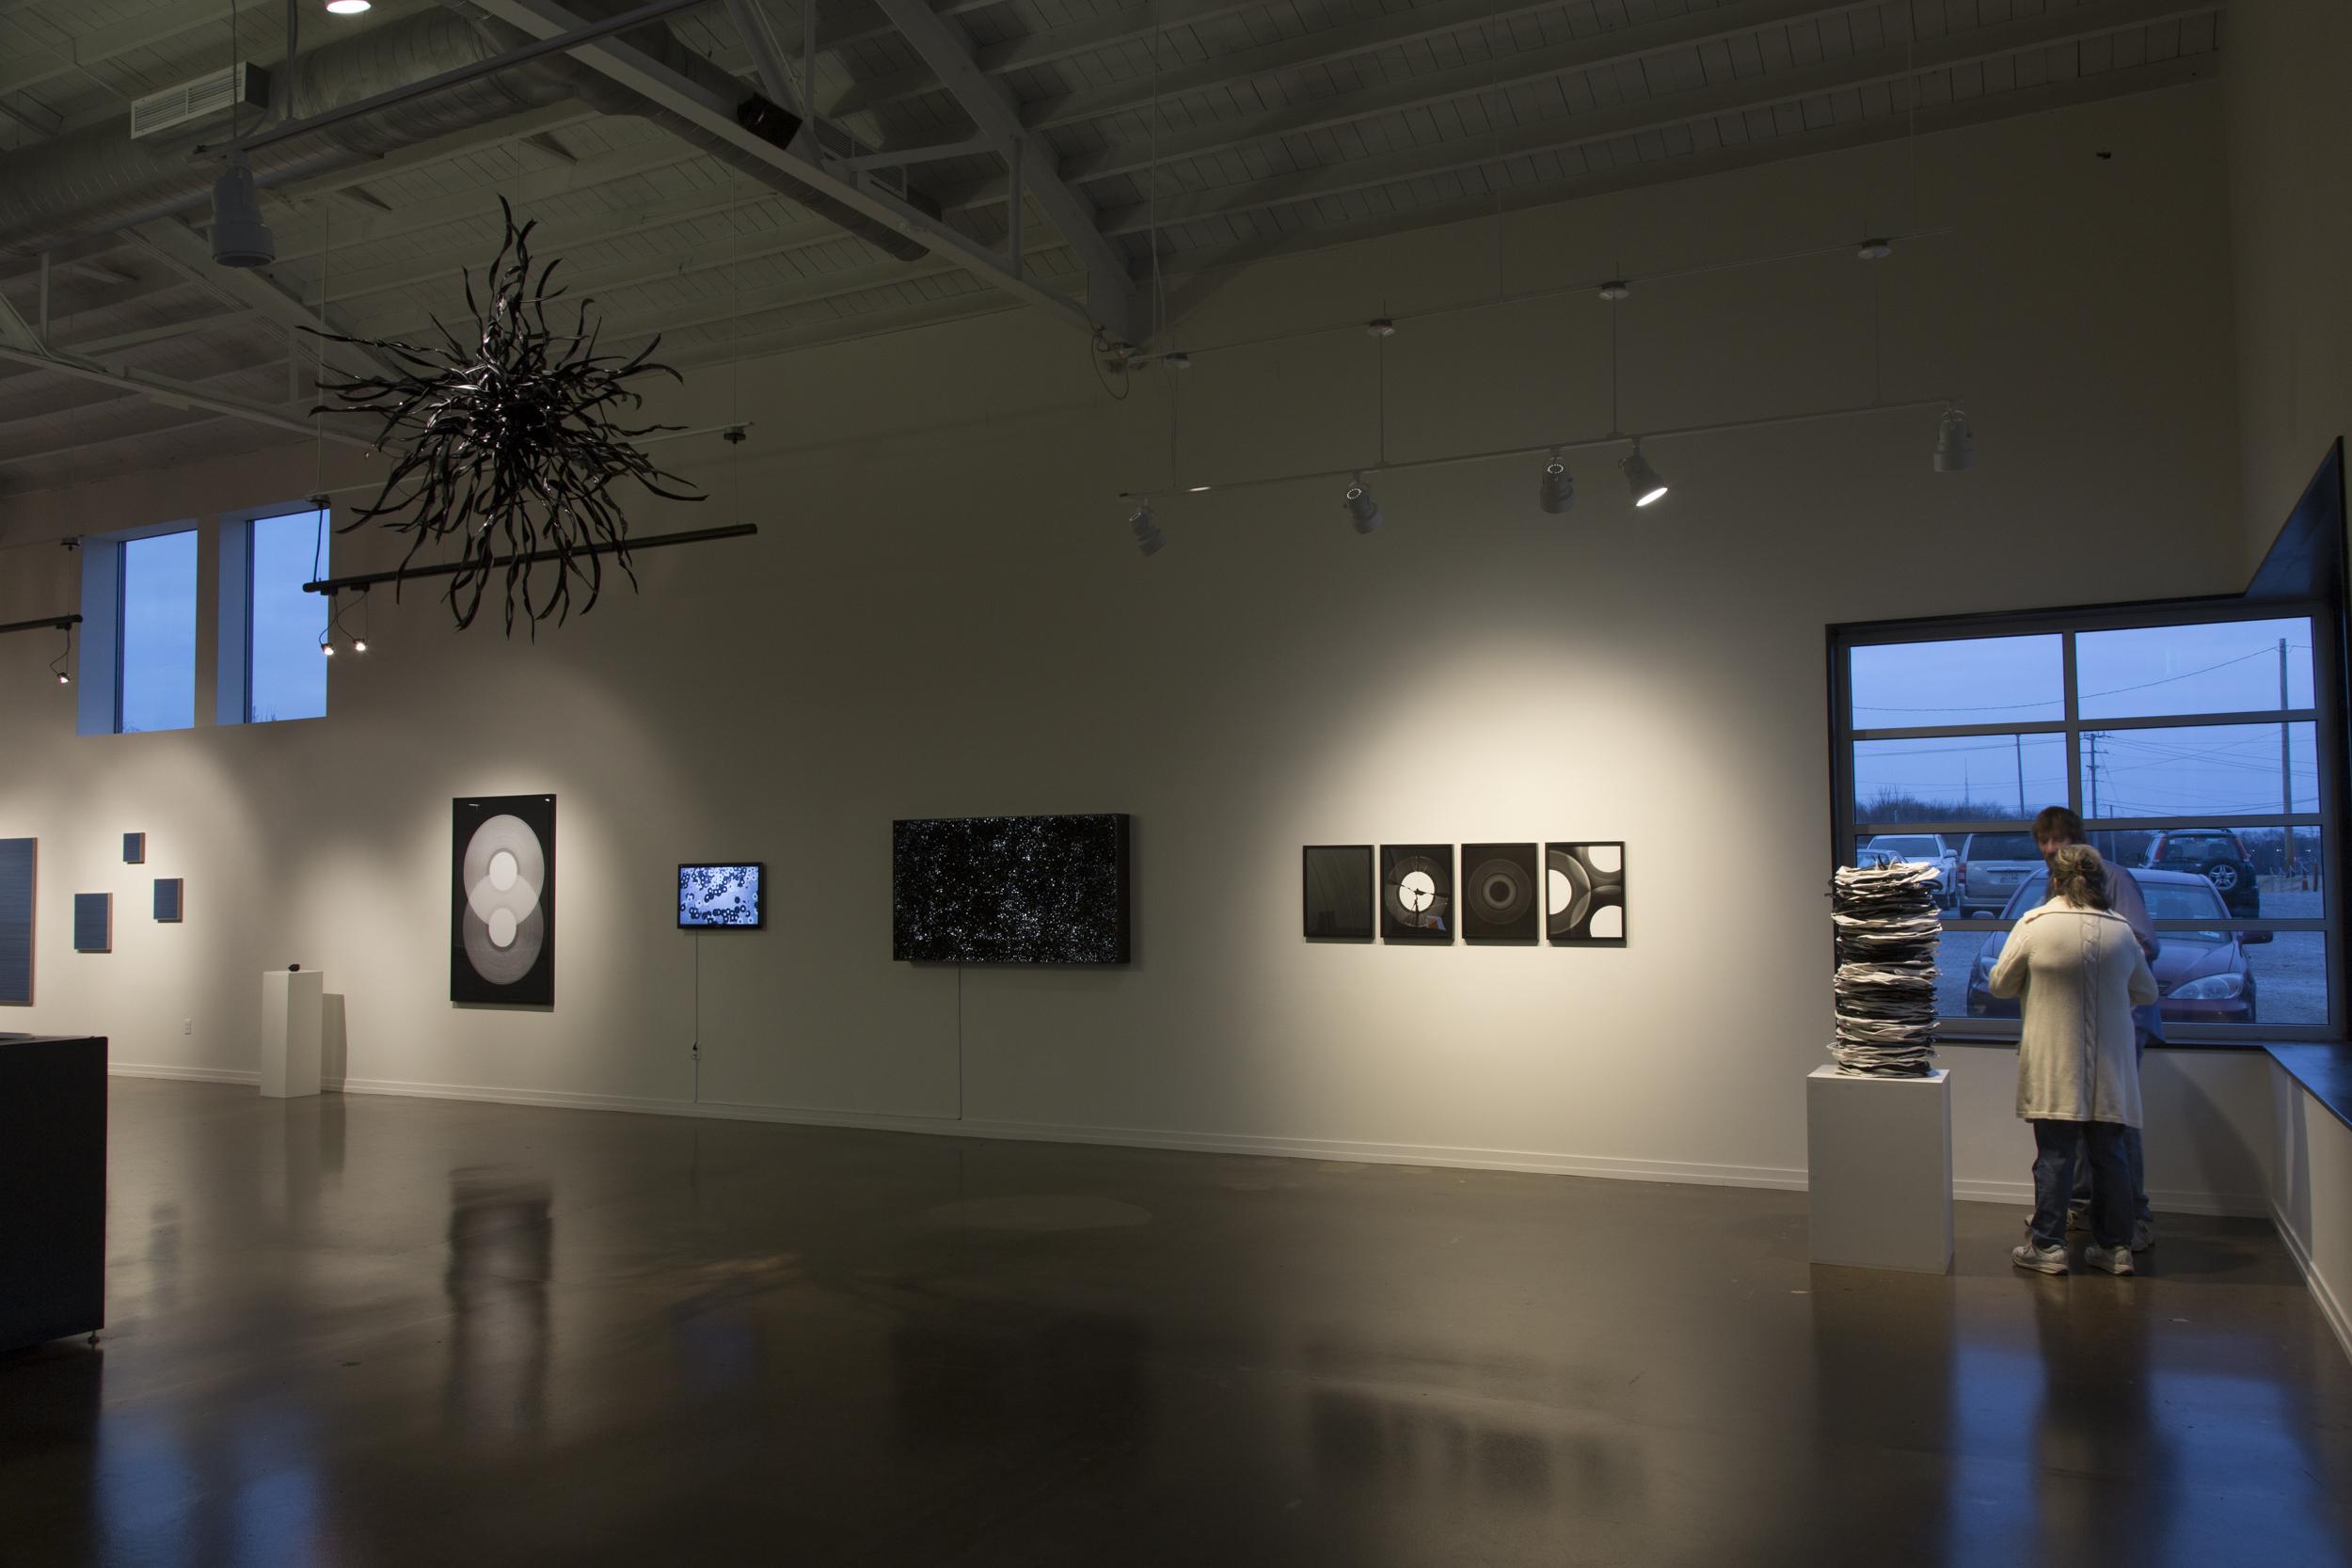 Installation, 2014